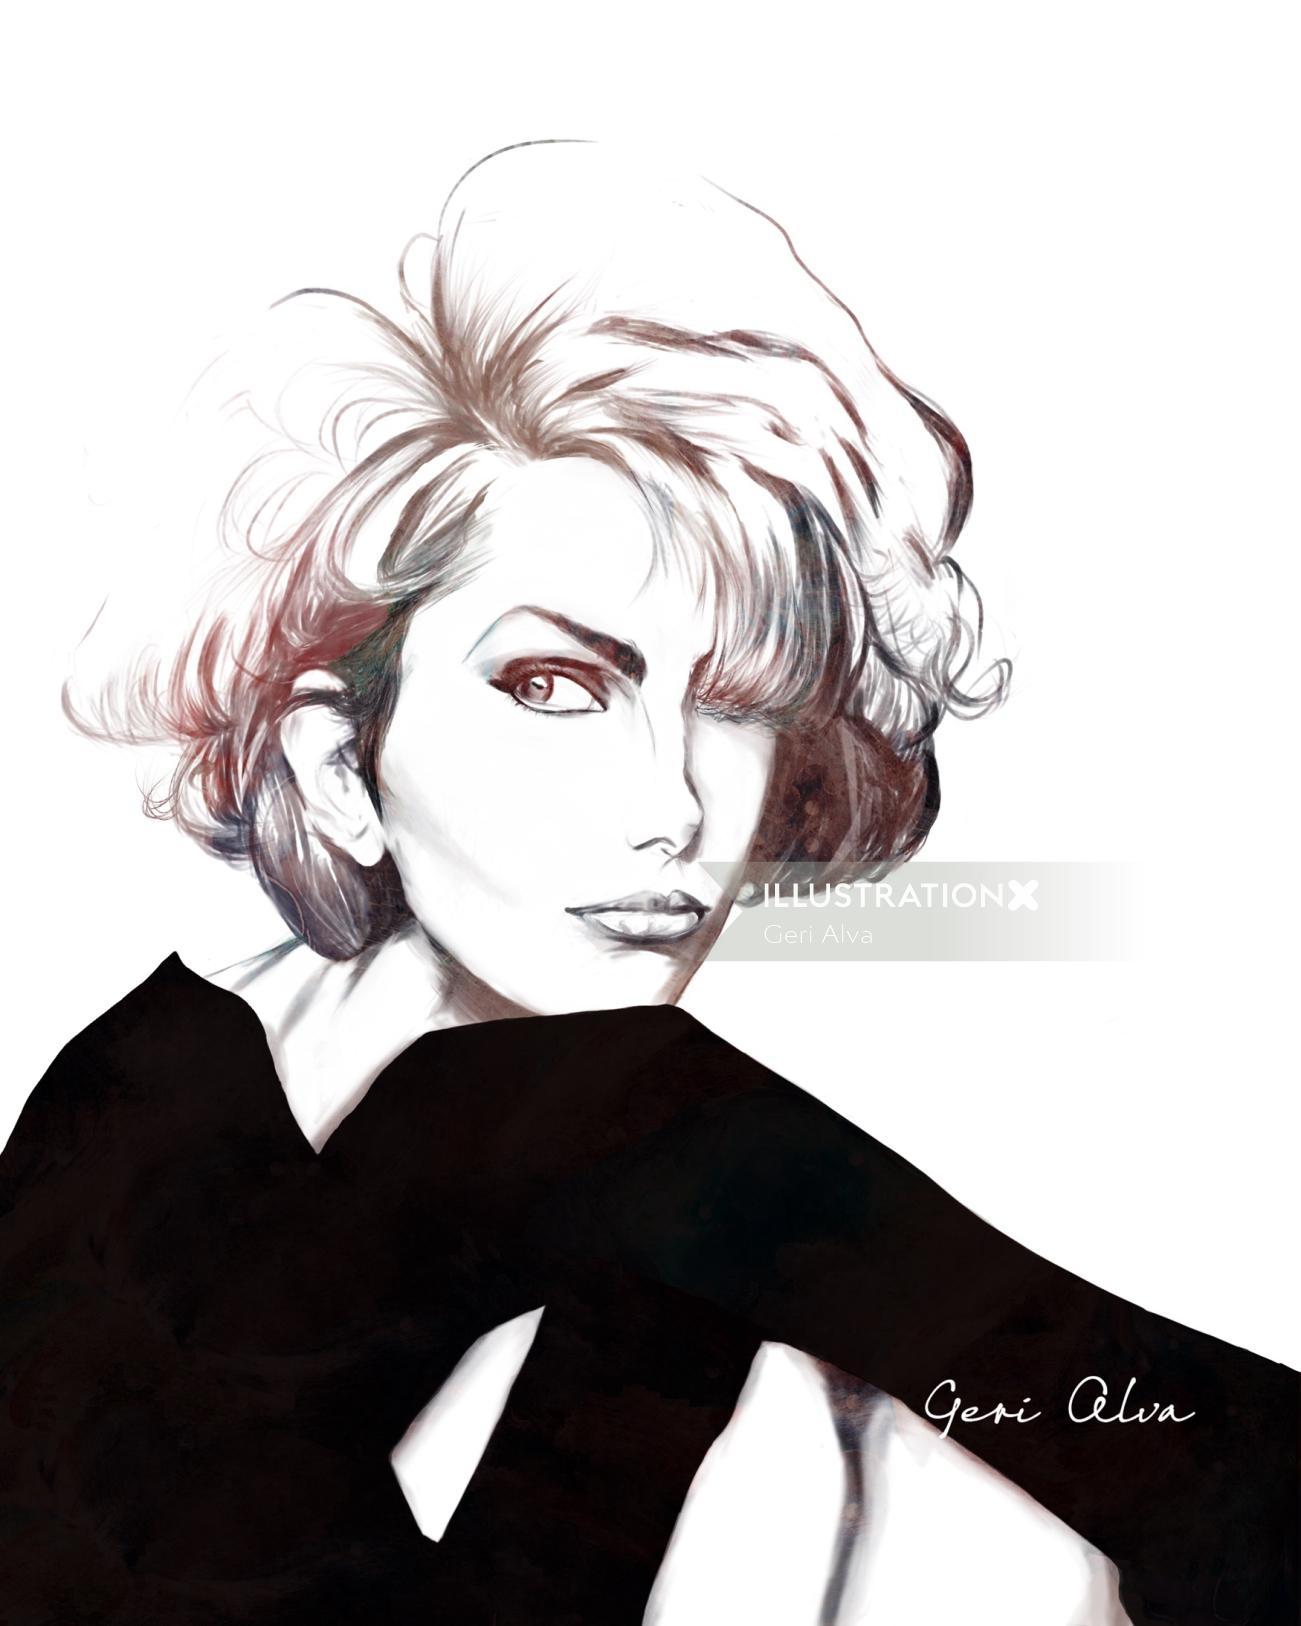 fashion, fashion illustrations, fashion editorial illustrations, editorial column illustration, beau